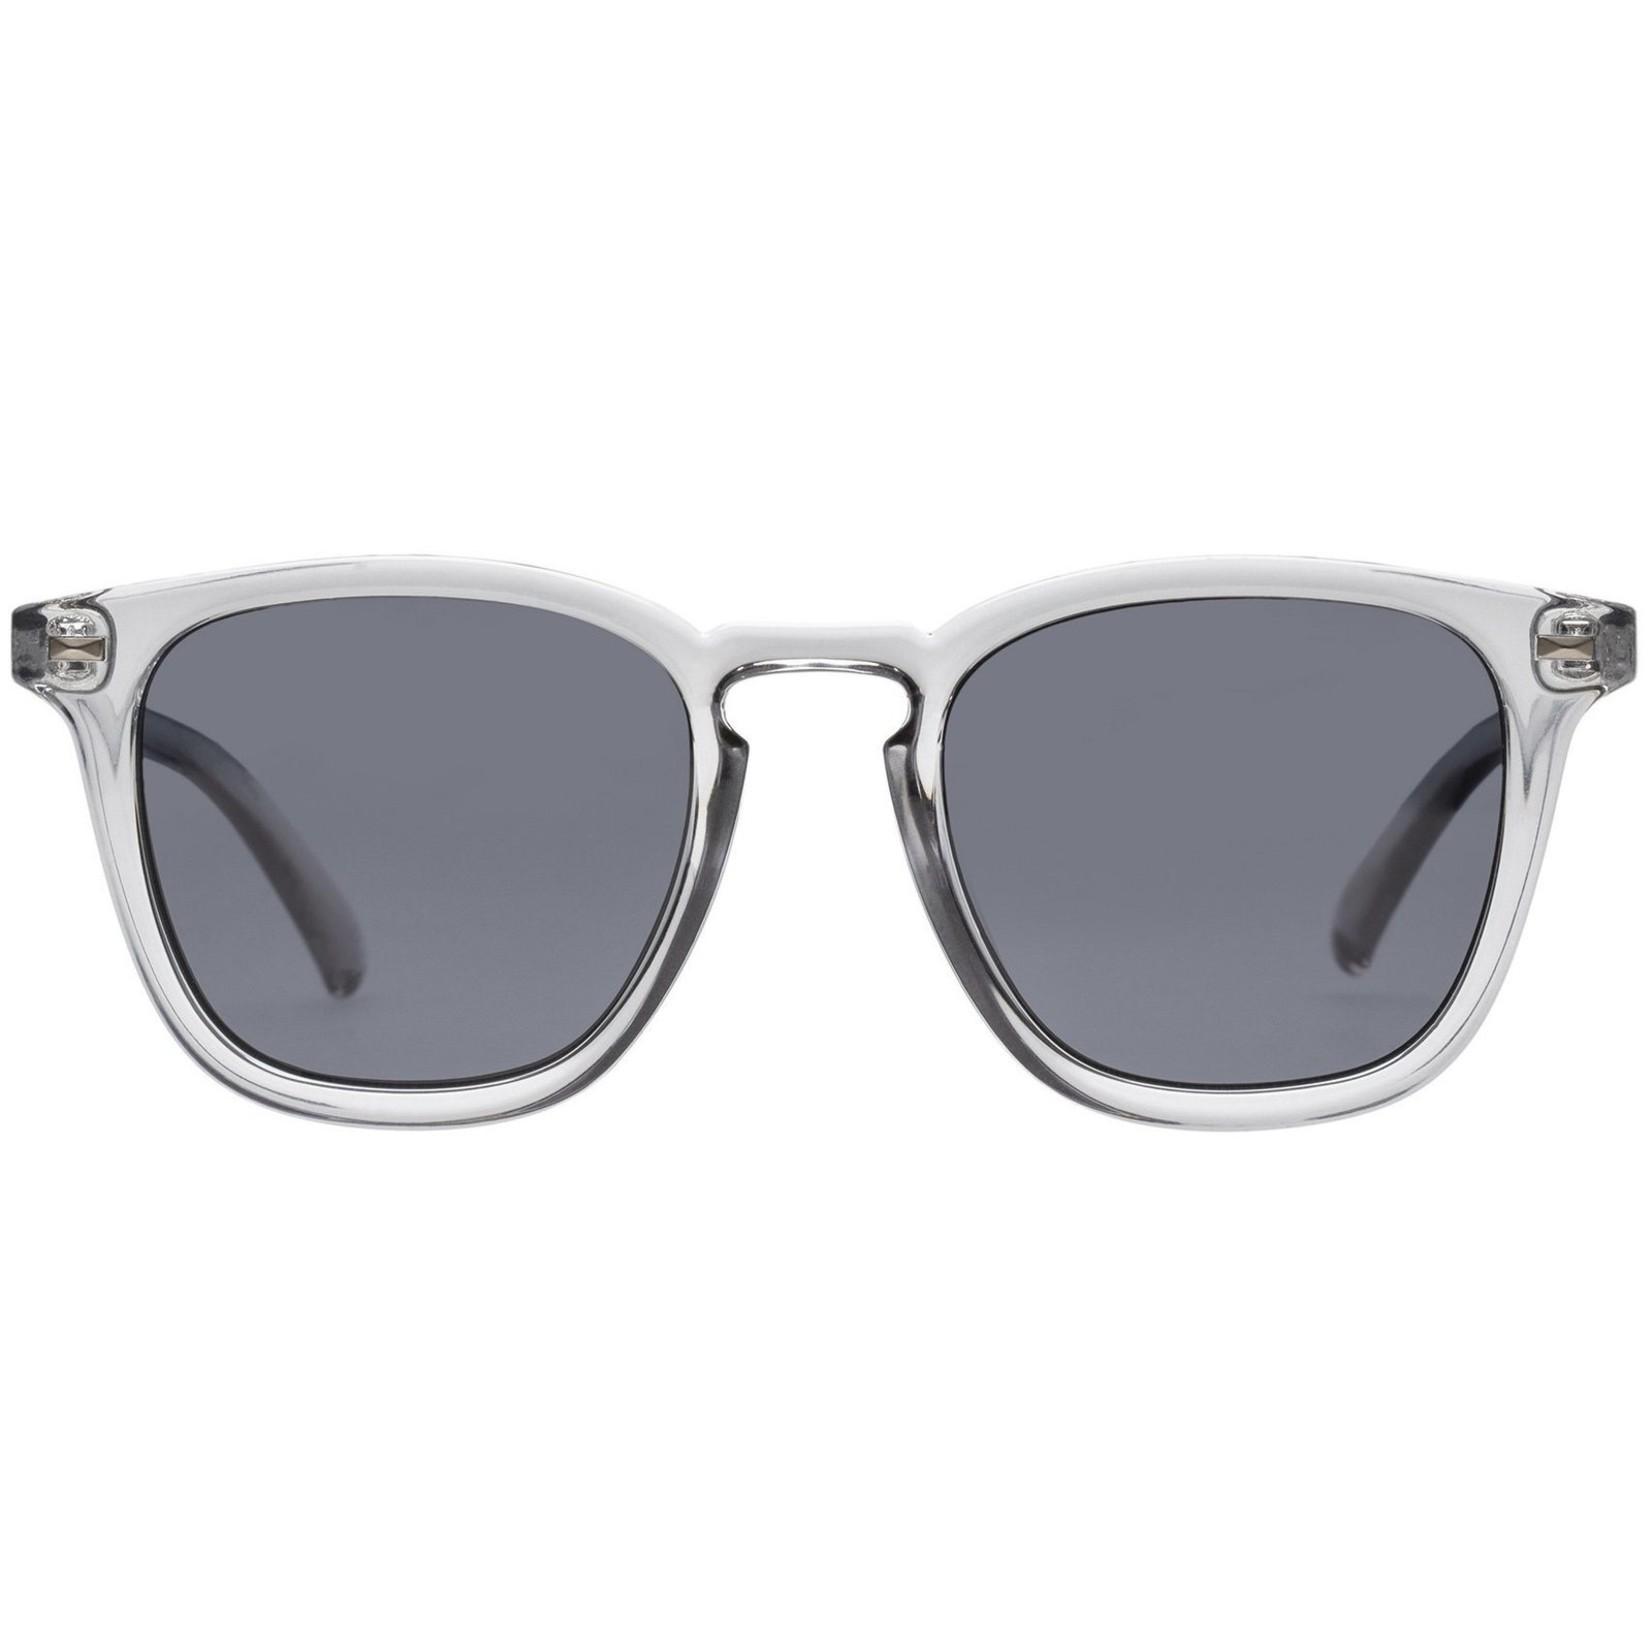 Le Specs Le Specs No Biggie Sunglasses